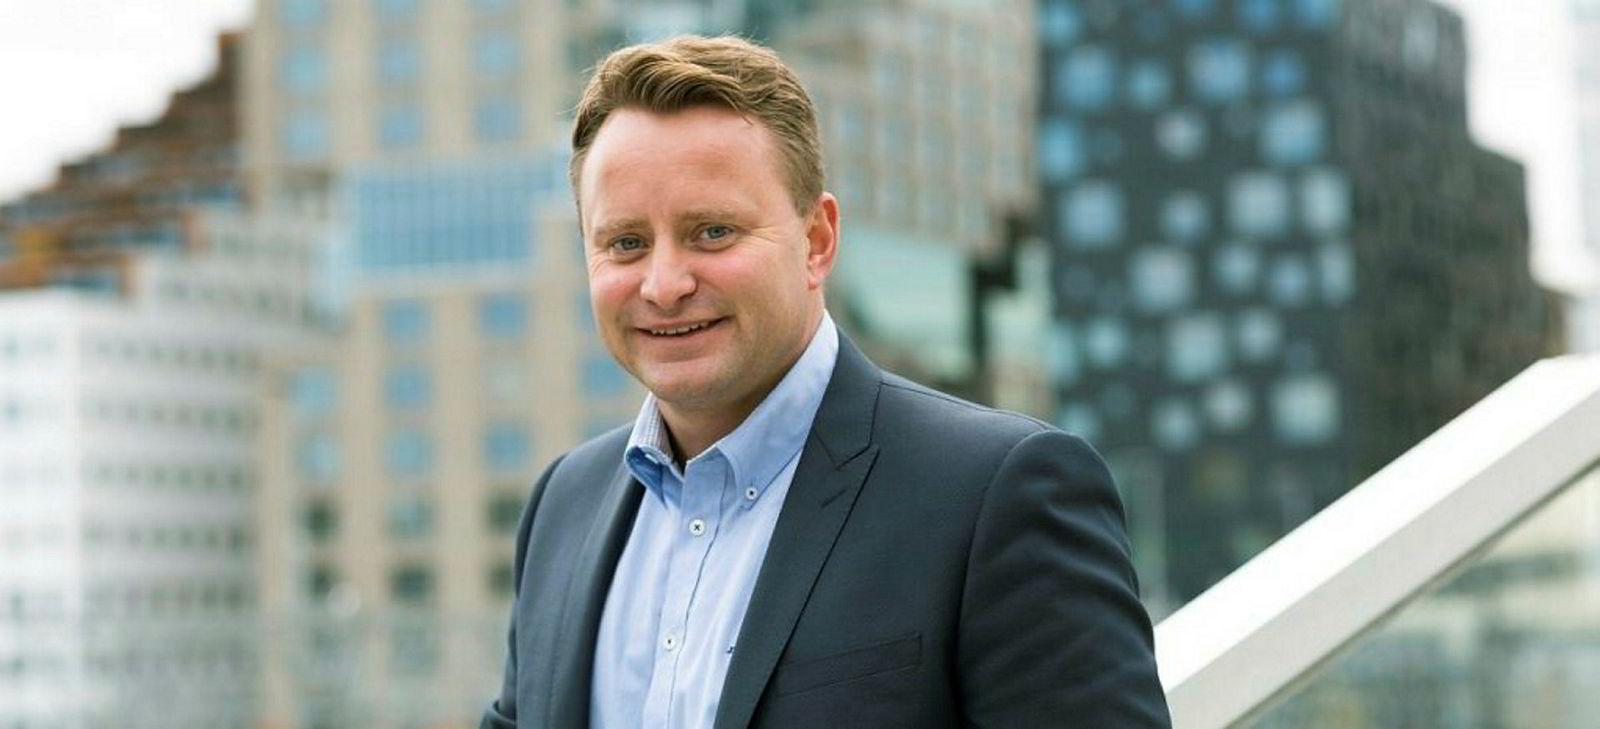 Daglig leder Eirik Frøytlog, DNB Lillestrøm.